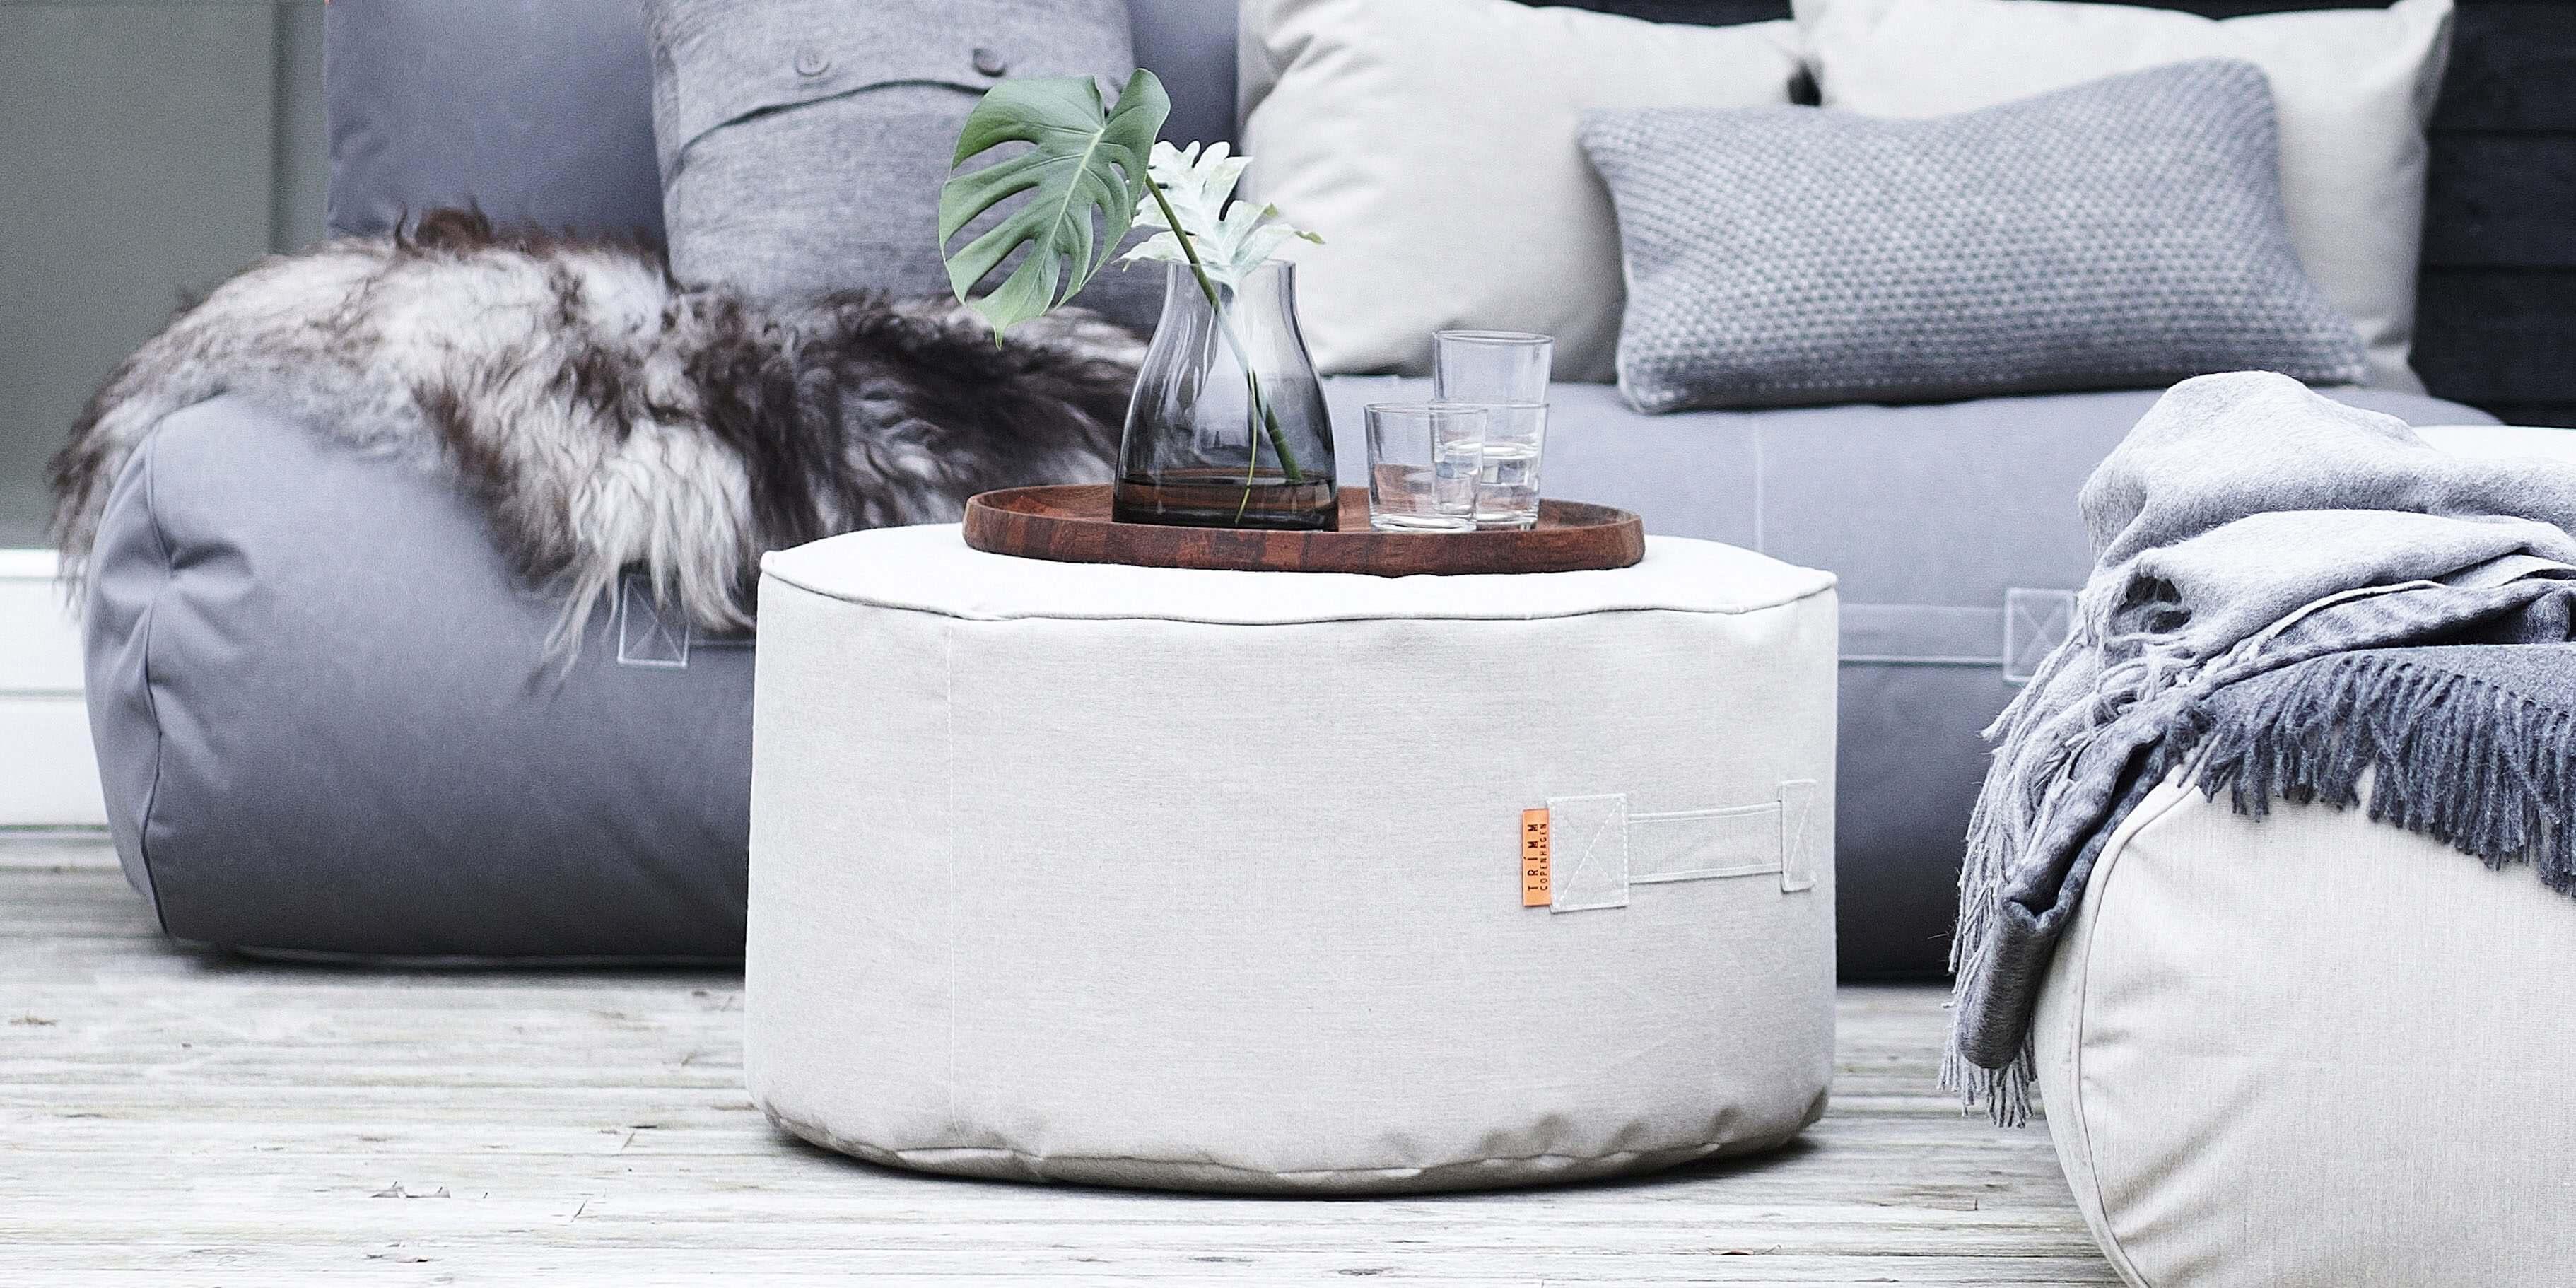 Oppsiktsvekkende Hvordan velge riktige hagemøbler? | Fine Design GA-37